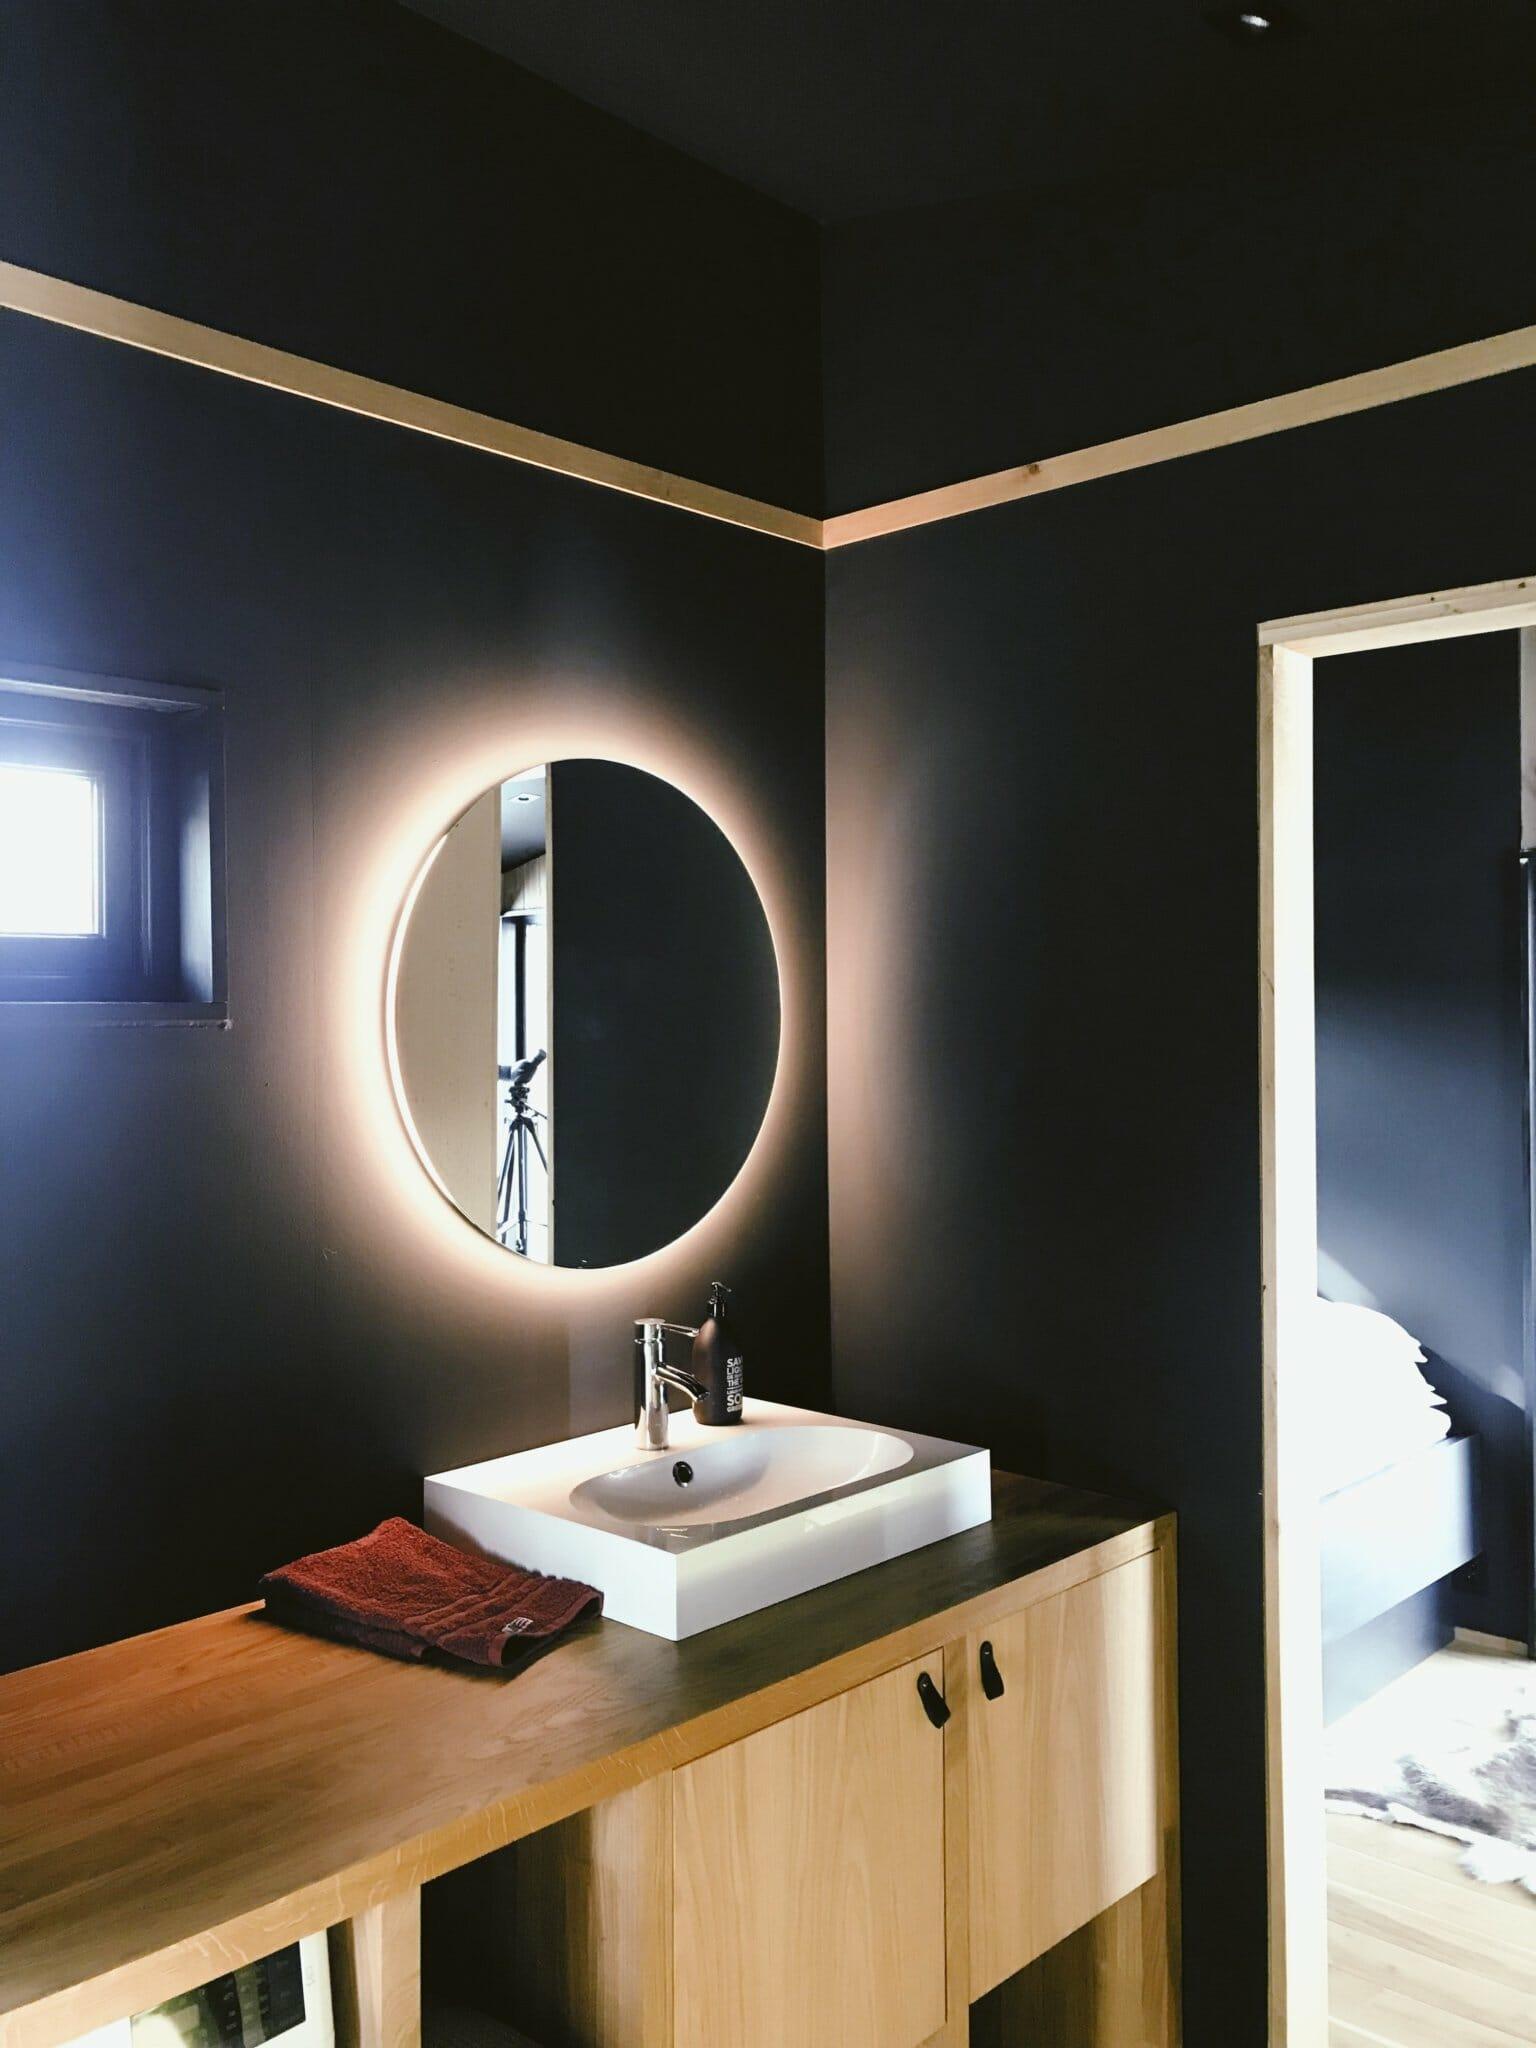 hình ảnh một góc phòng tắm với tường sơn màu xanh than, gương tròn kết hợp đèn LED, bồn rửa sứ trắng hình chữ nhật